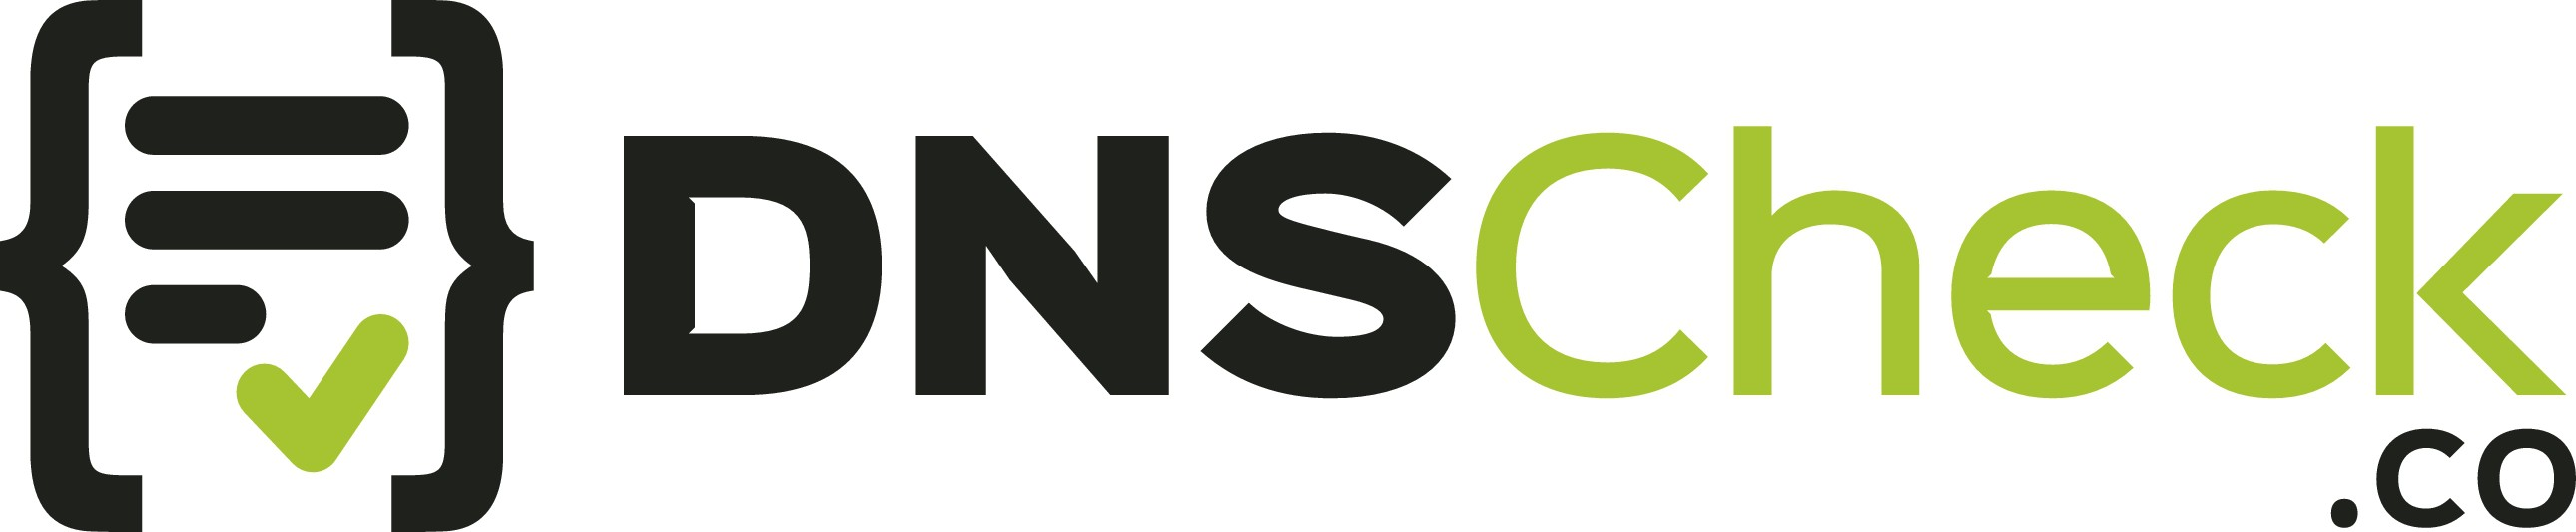 Create an eye catching logo for a technology website